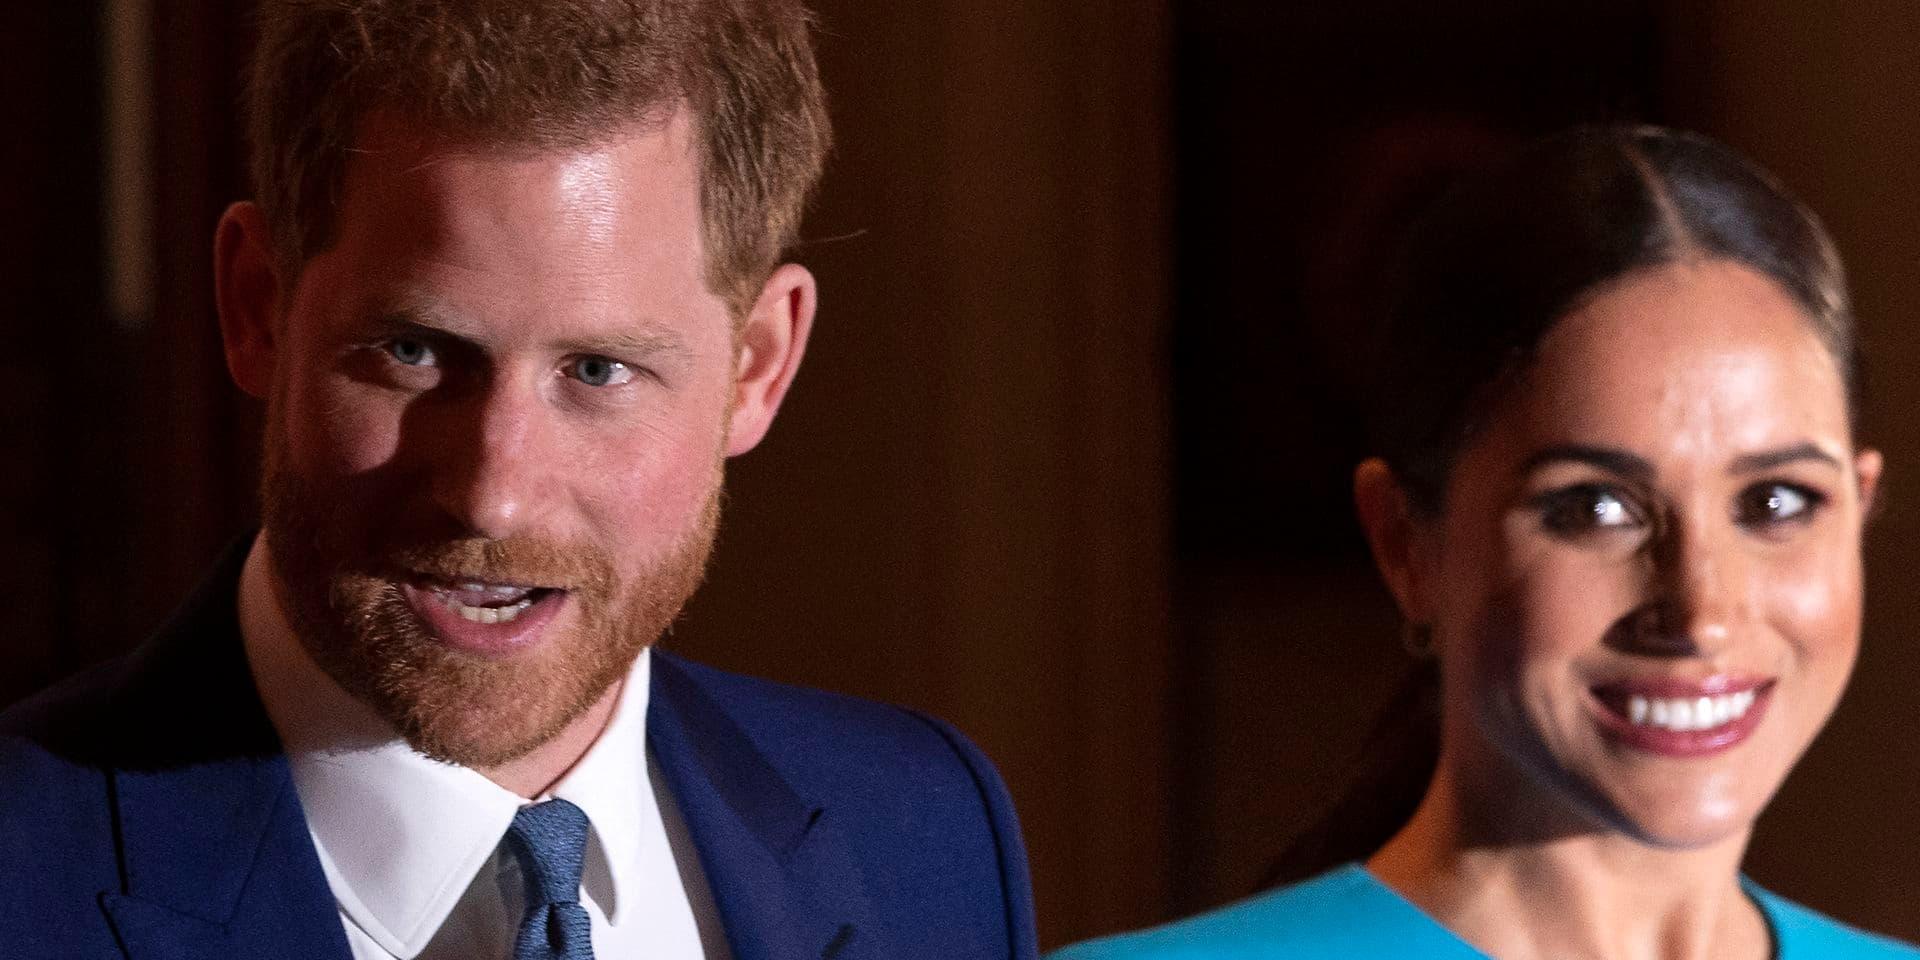 Le prince Harry et Meghan Markle vont accorder une interview à Oprah Winfrey, un premier rendez-vous télévisé depuis leur sortie de la famille royale